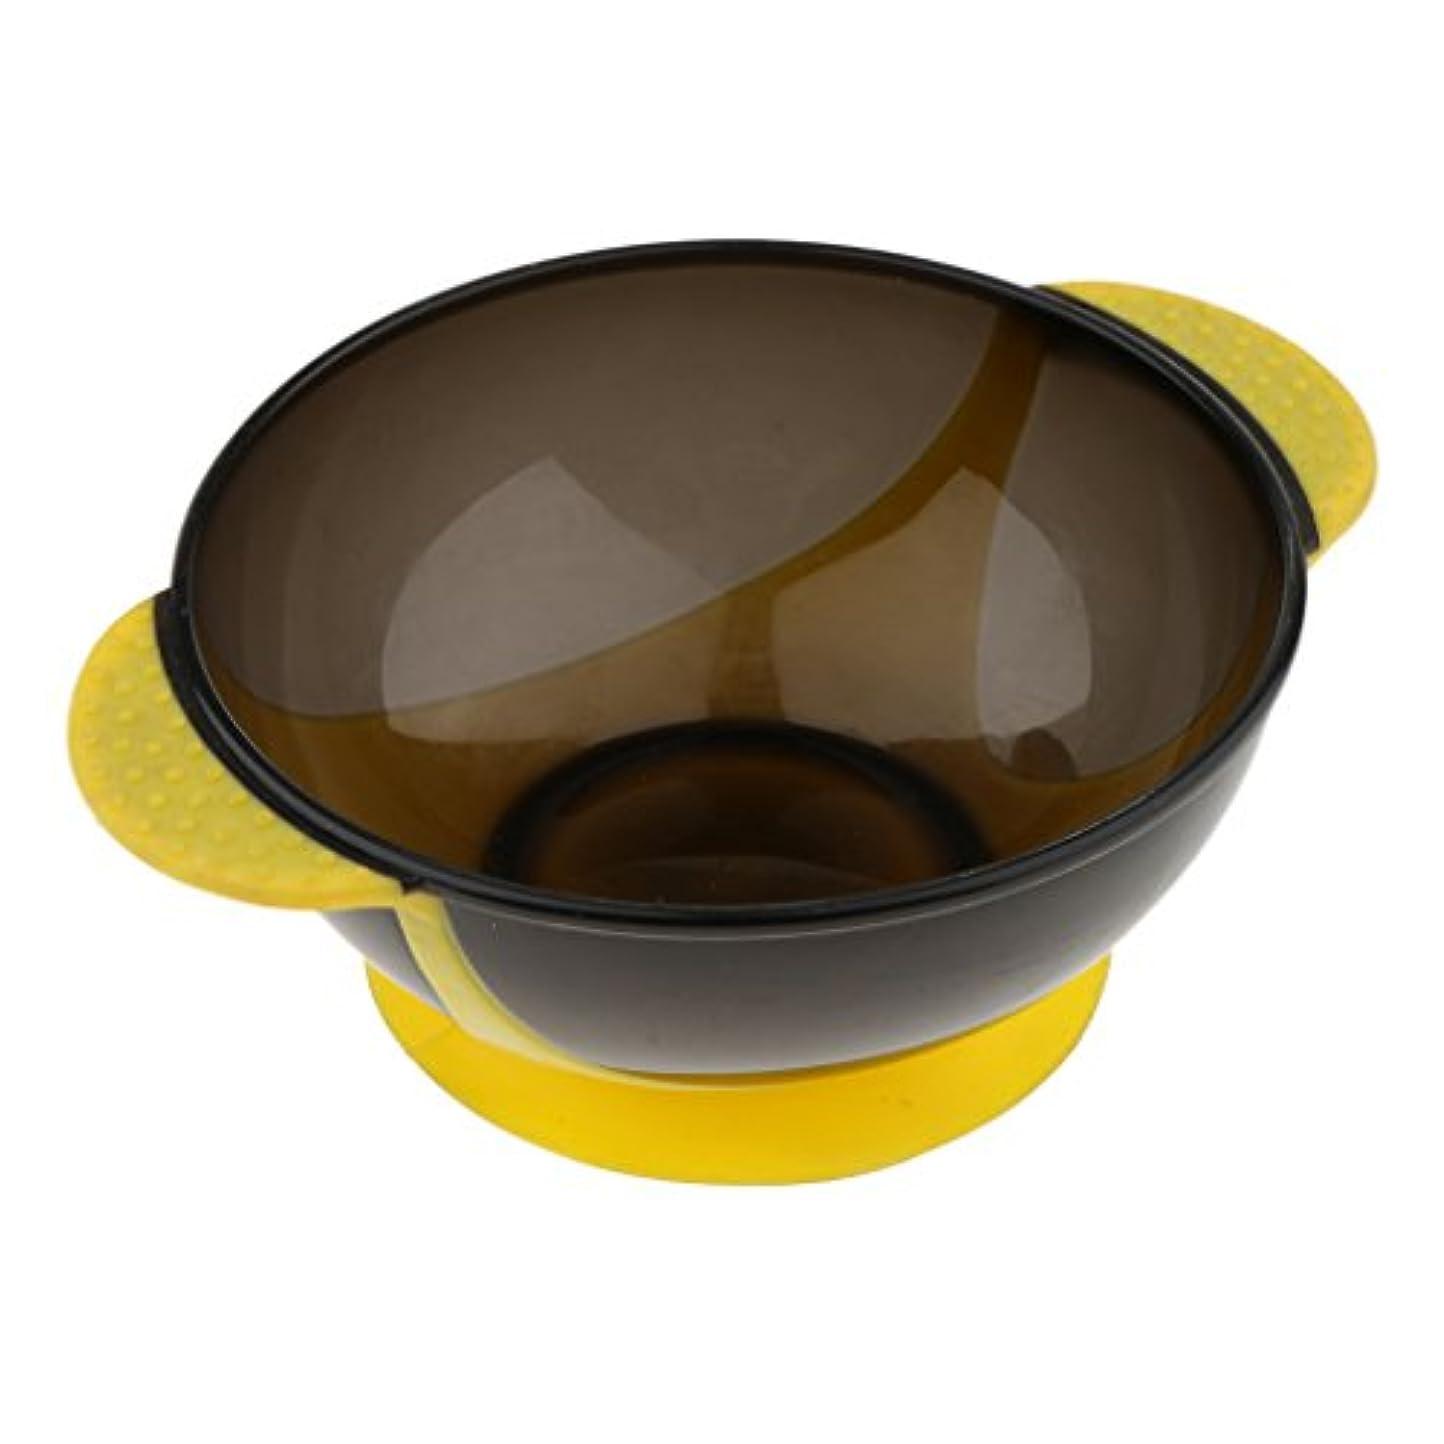 公平なシャックル肘Perfk ヘアダイボウル プラスチック製 サロン 髪染め ミントボウル 着色ツール 吸引ベース 3色選べる - 黄